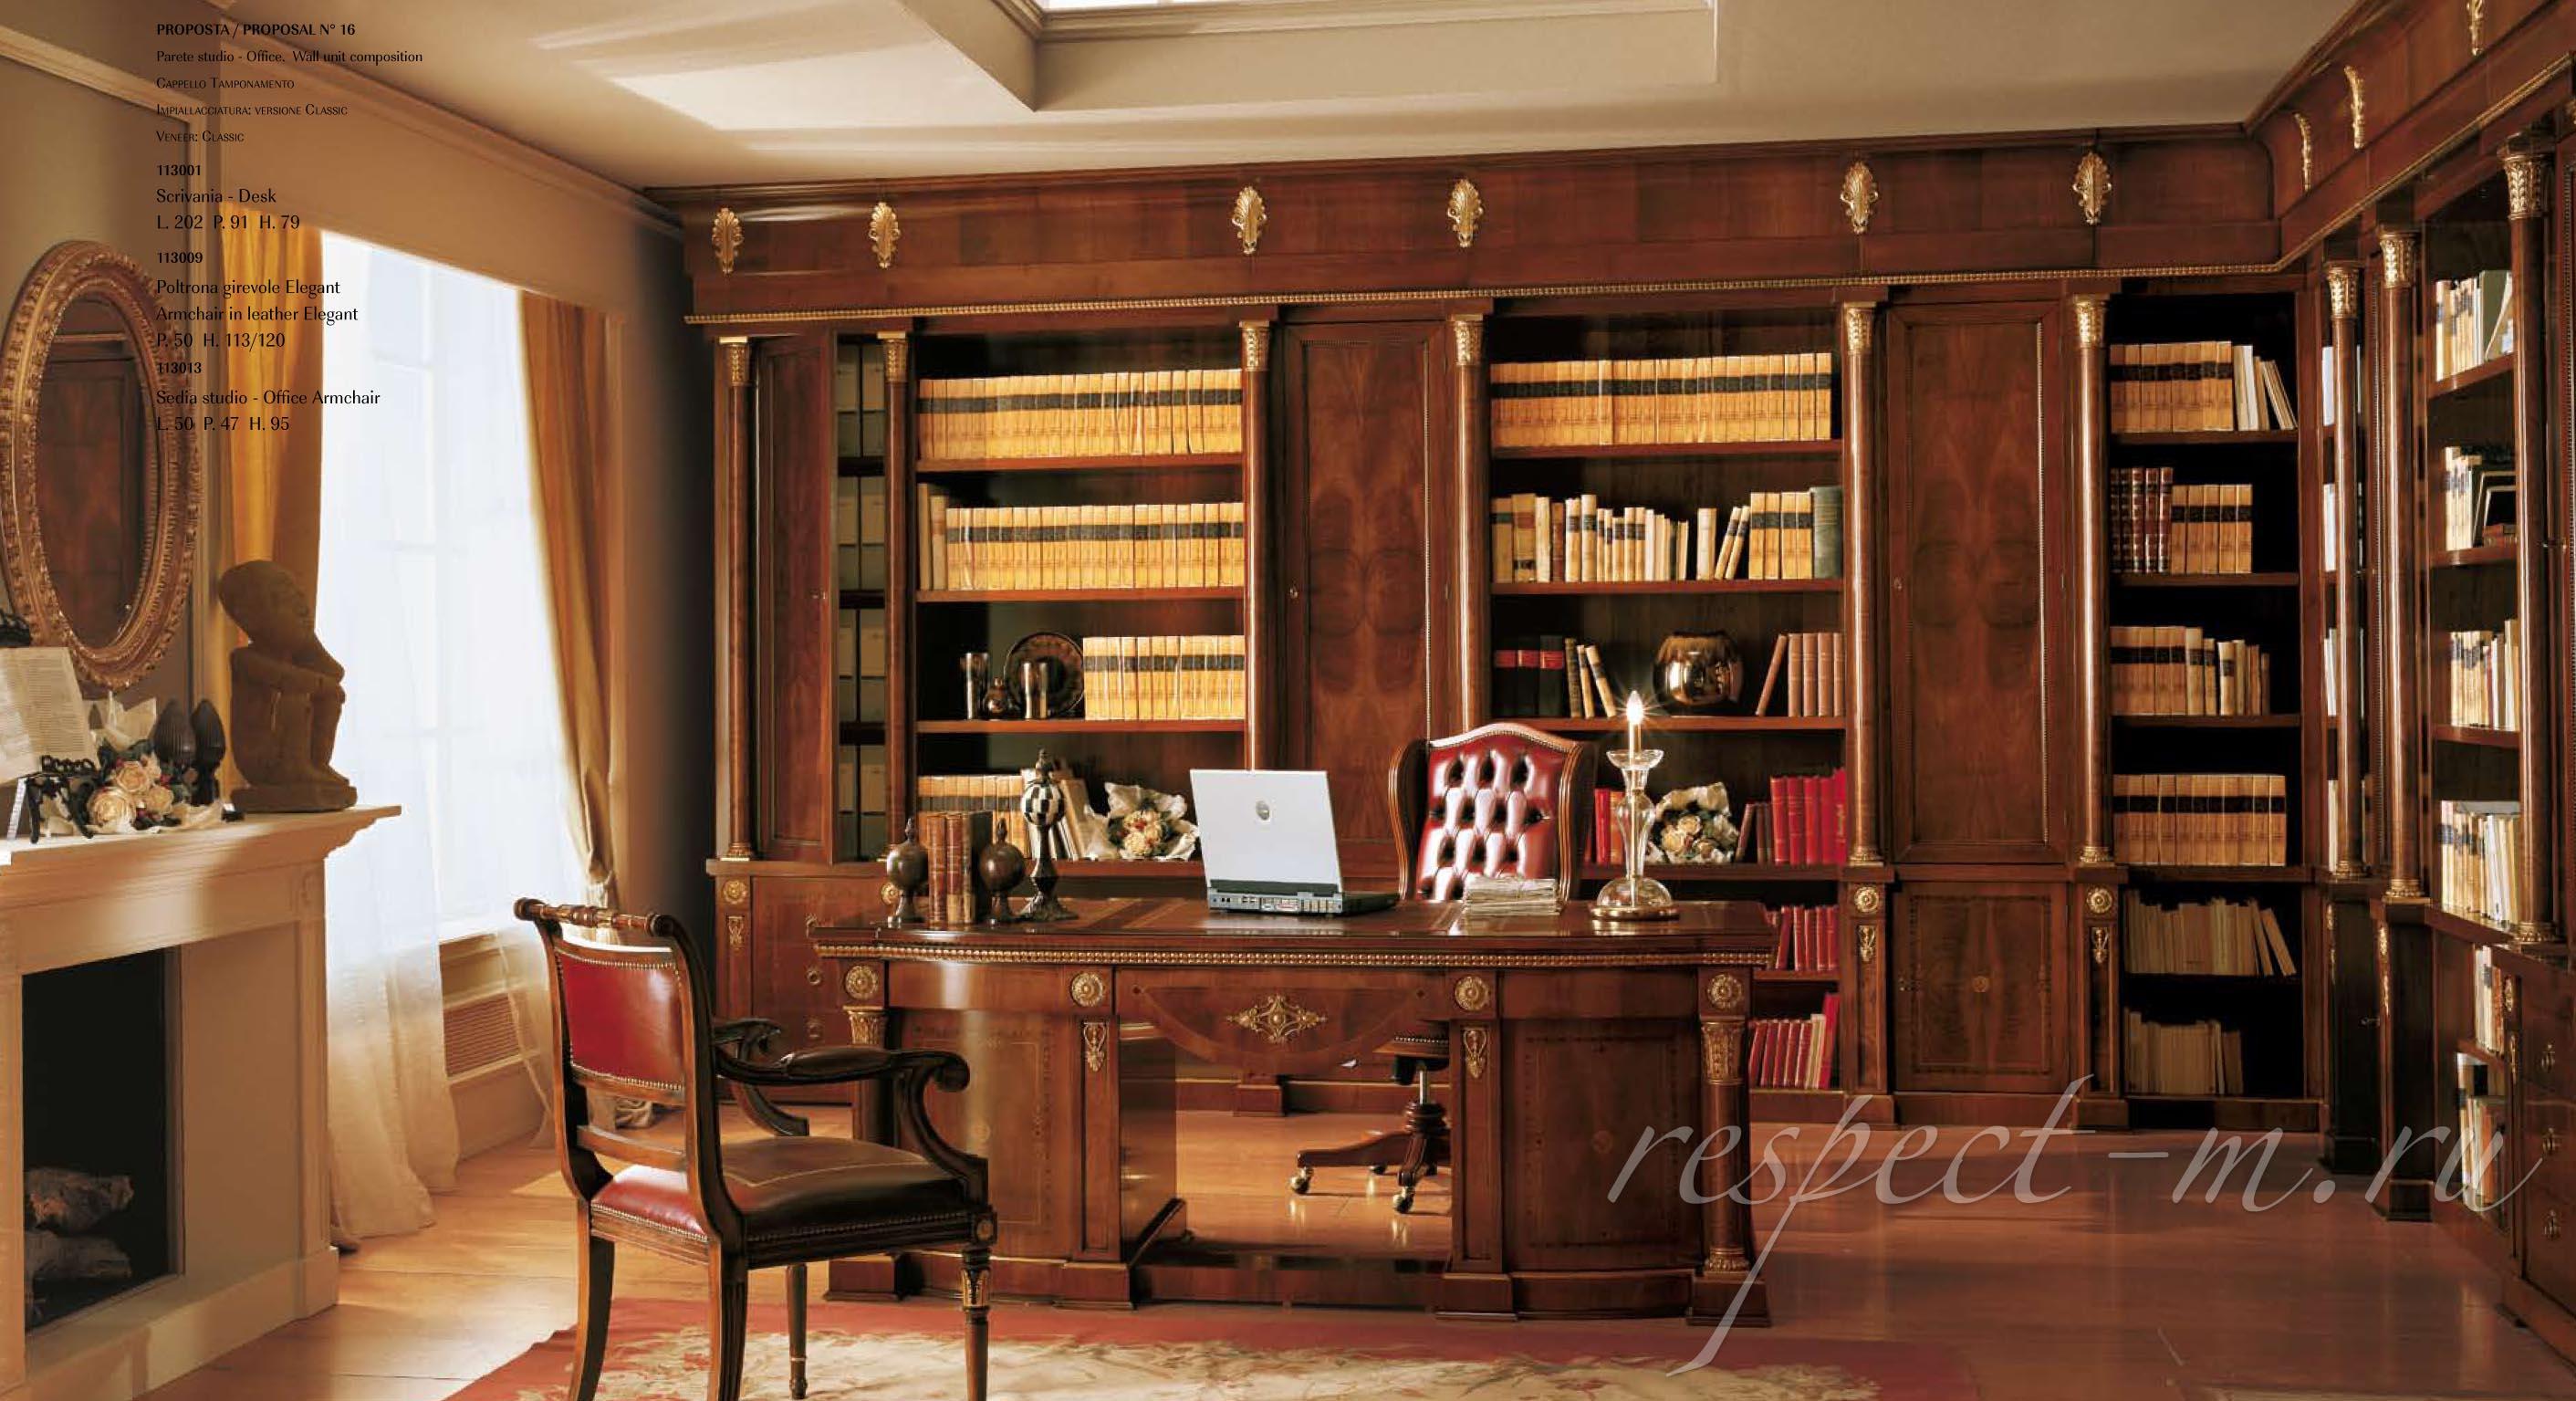 Кабинет (гарнитур для кабинета) grilli - мебель мр.